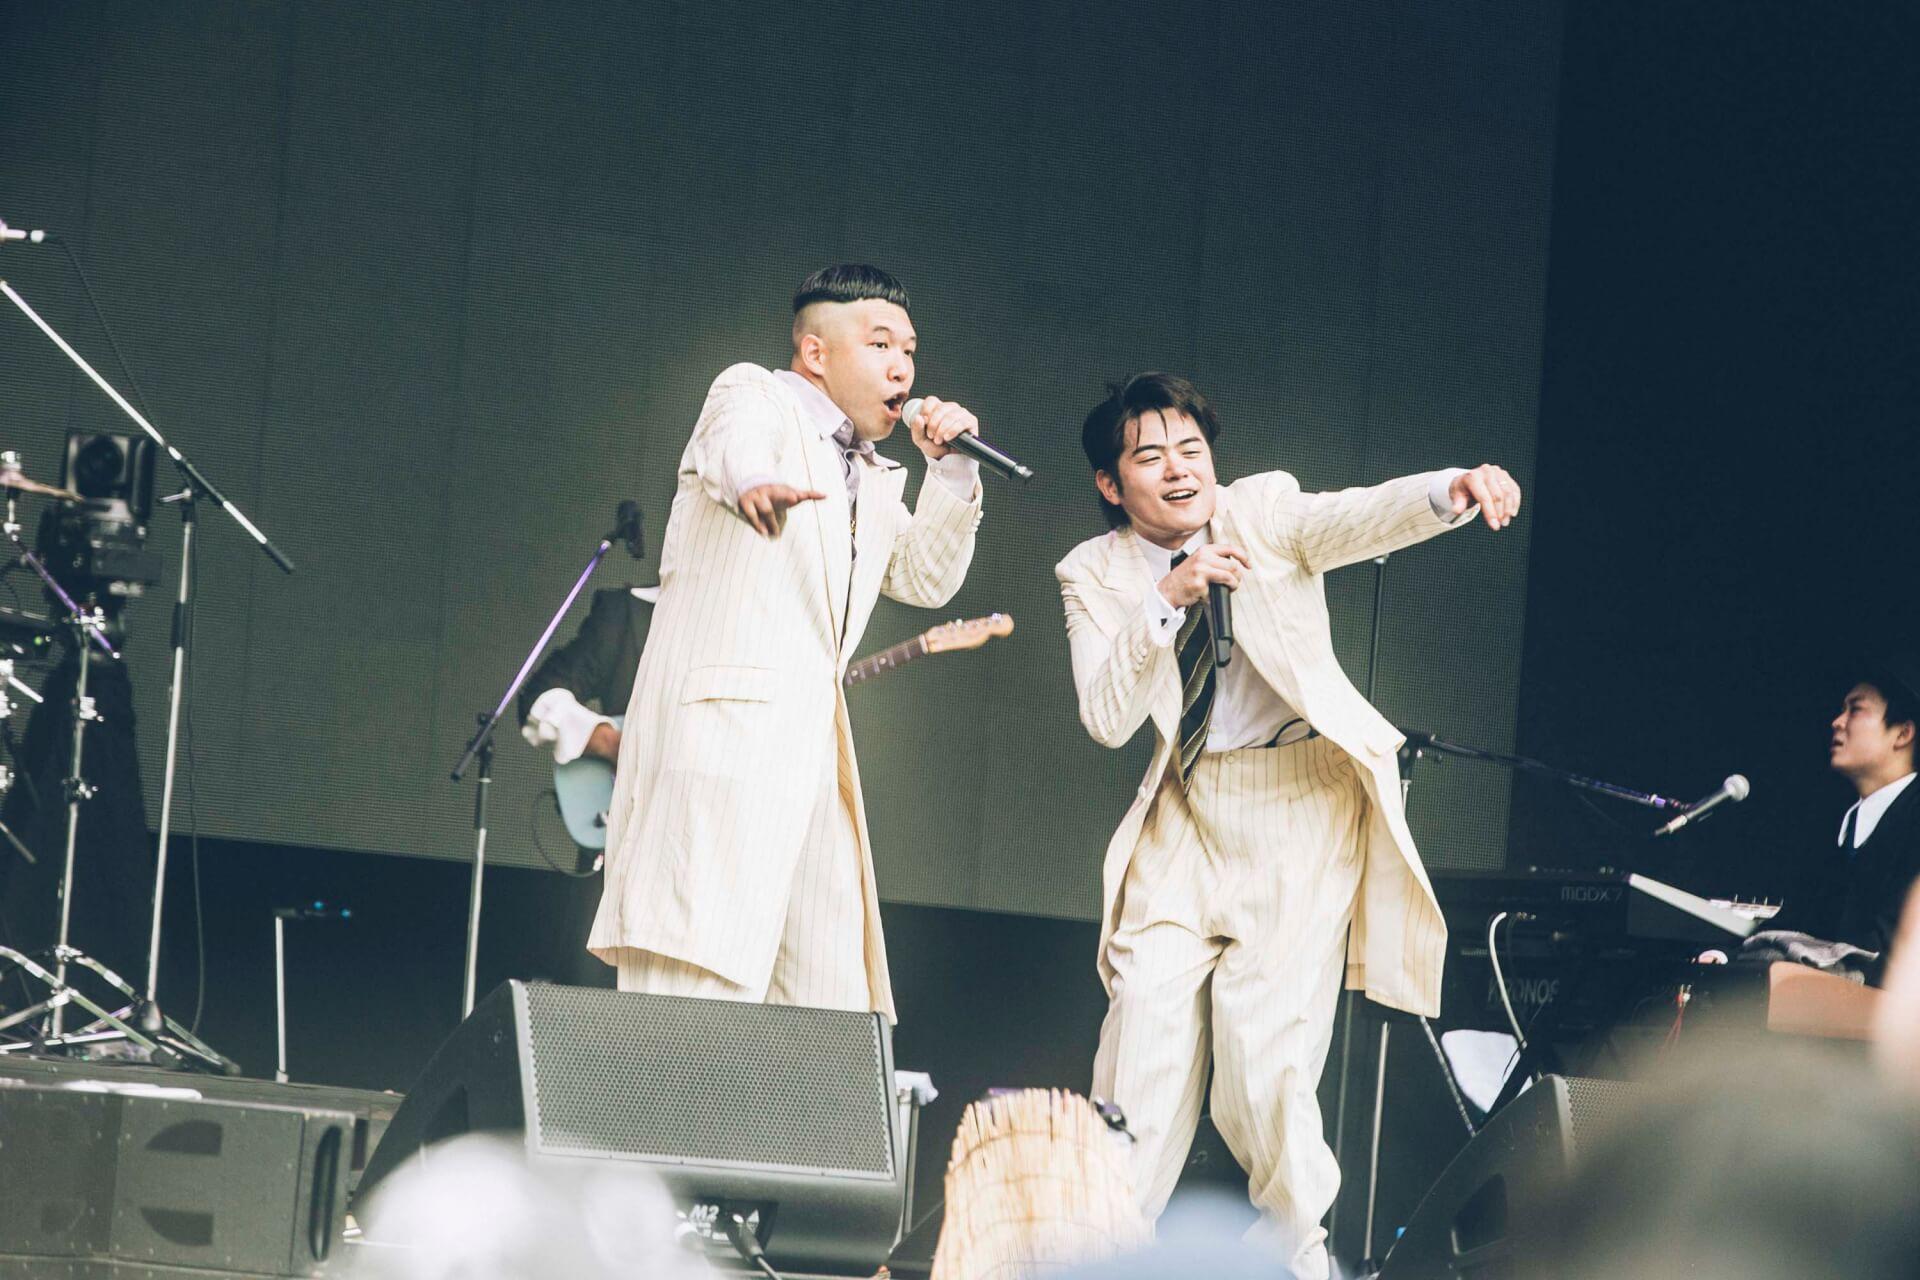 振り返るフジロック2019 SANABAGUN. music190823_fujirock_sanabagun_807.jpg